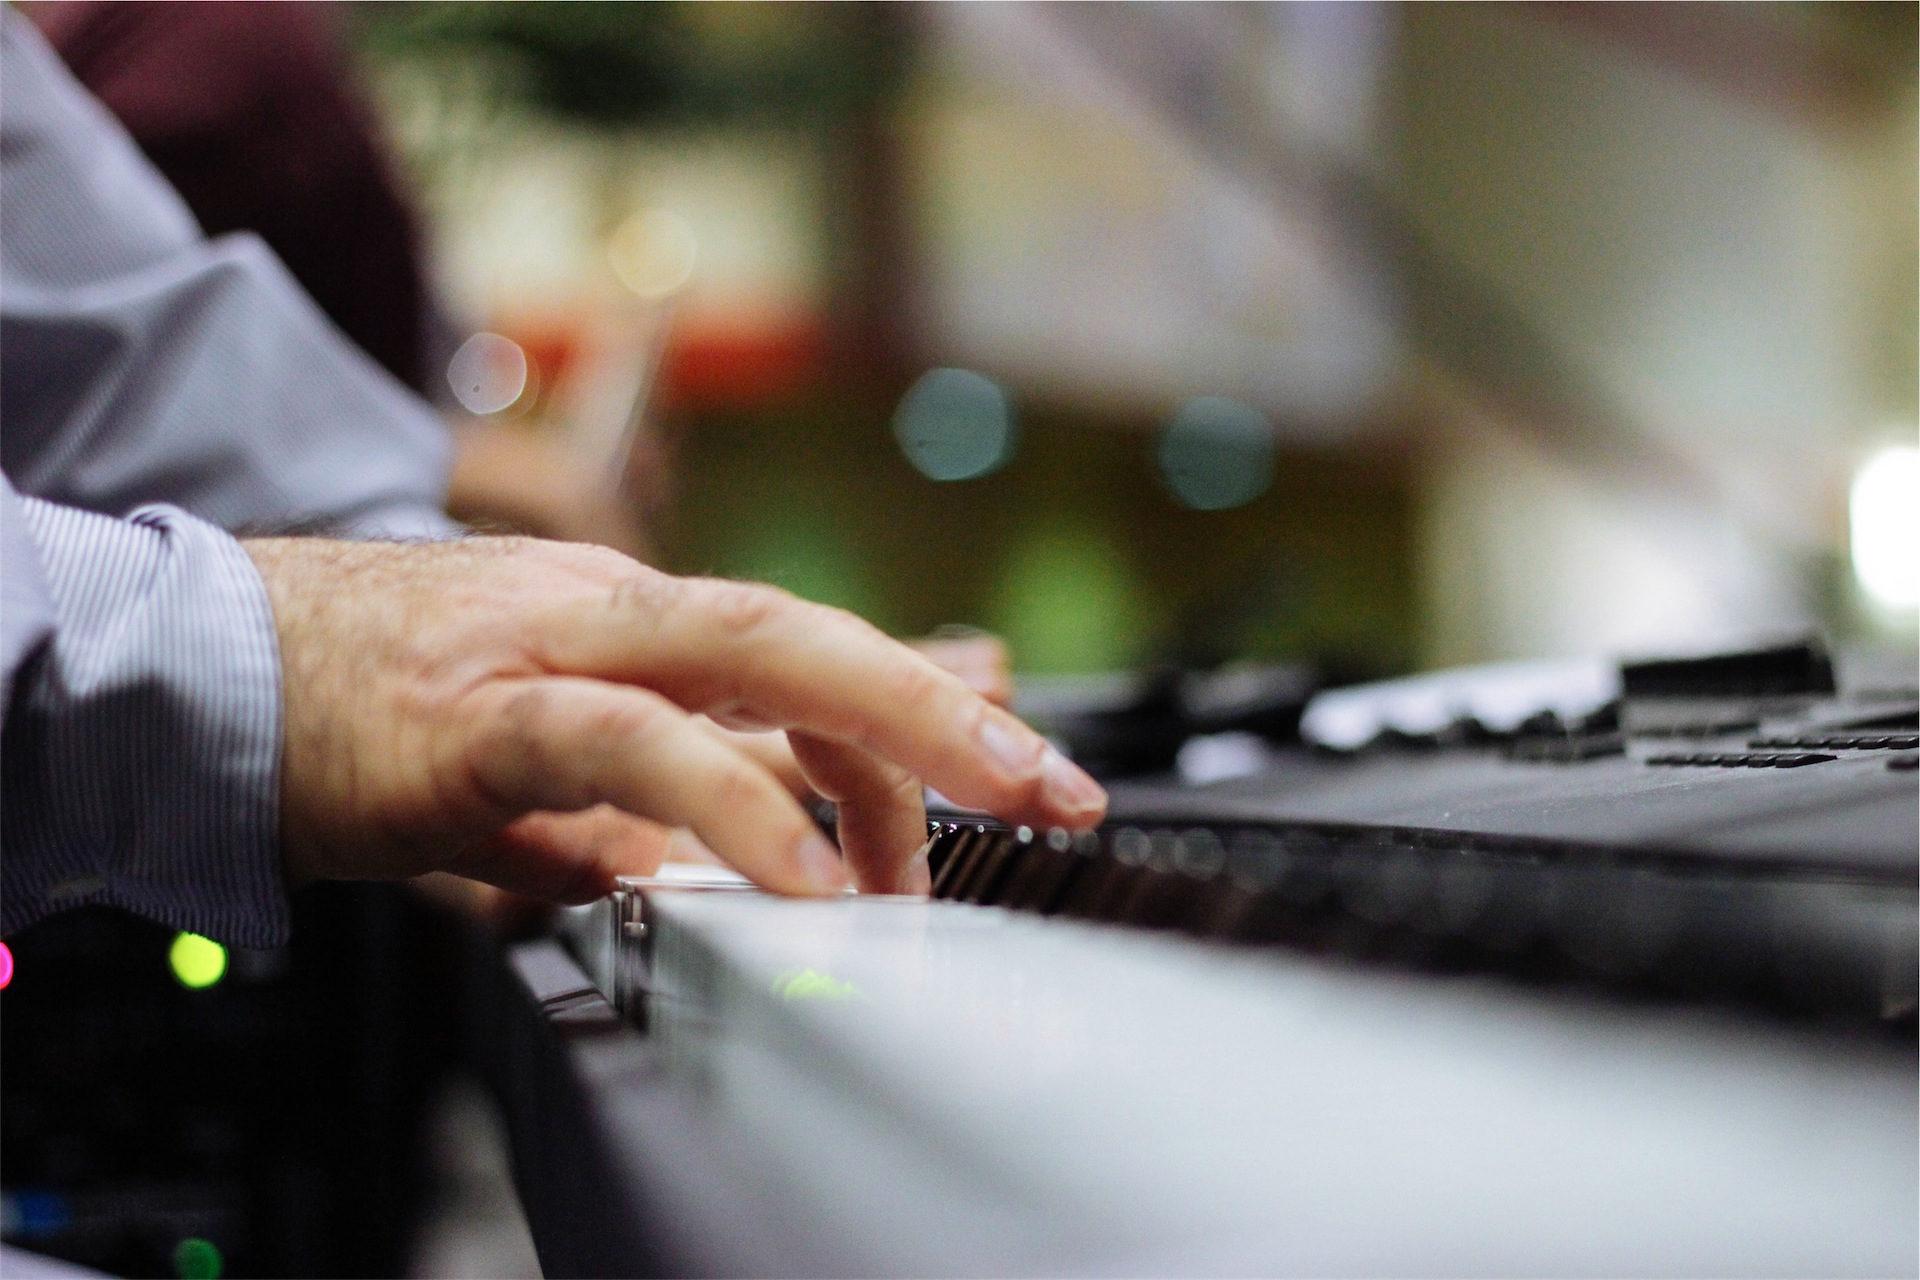 عازف البيانو, بيانو, لحن, أيدي, موسيقى - خلفيات عالية الدقة - أستاذ falken.com